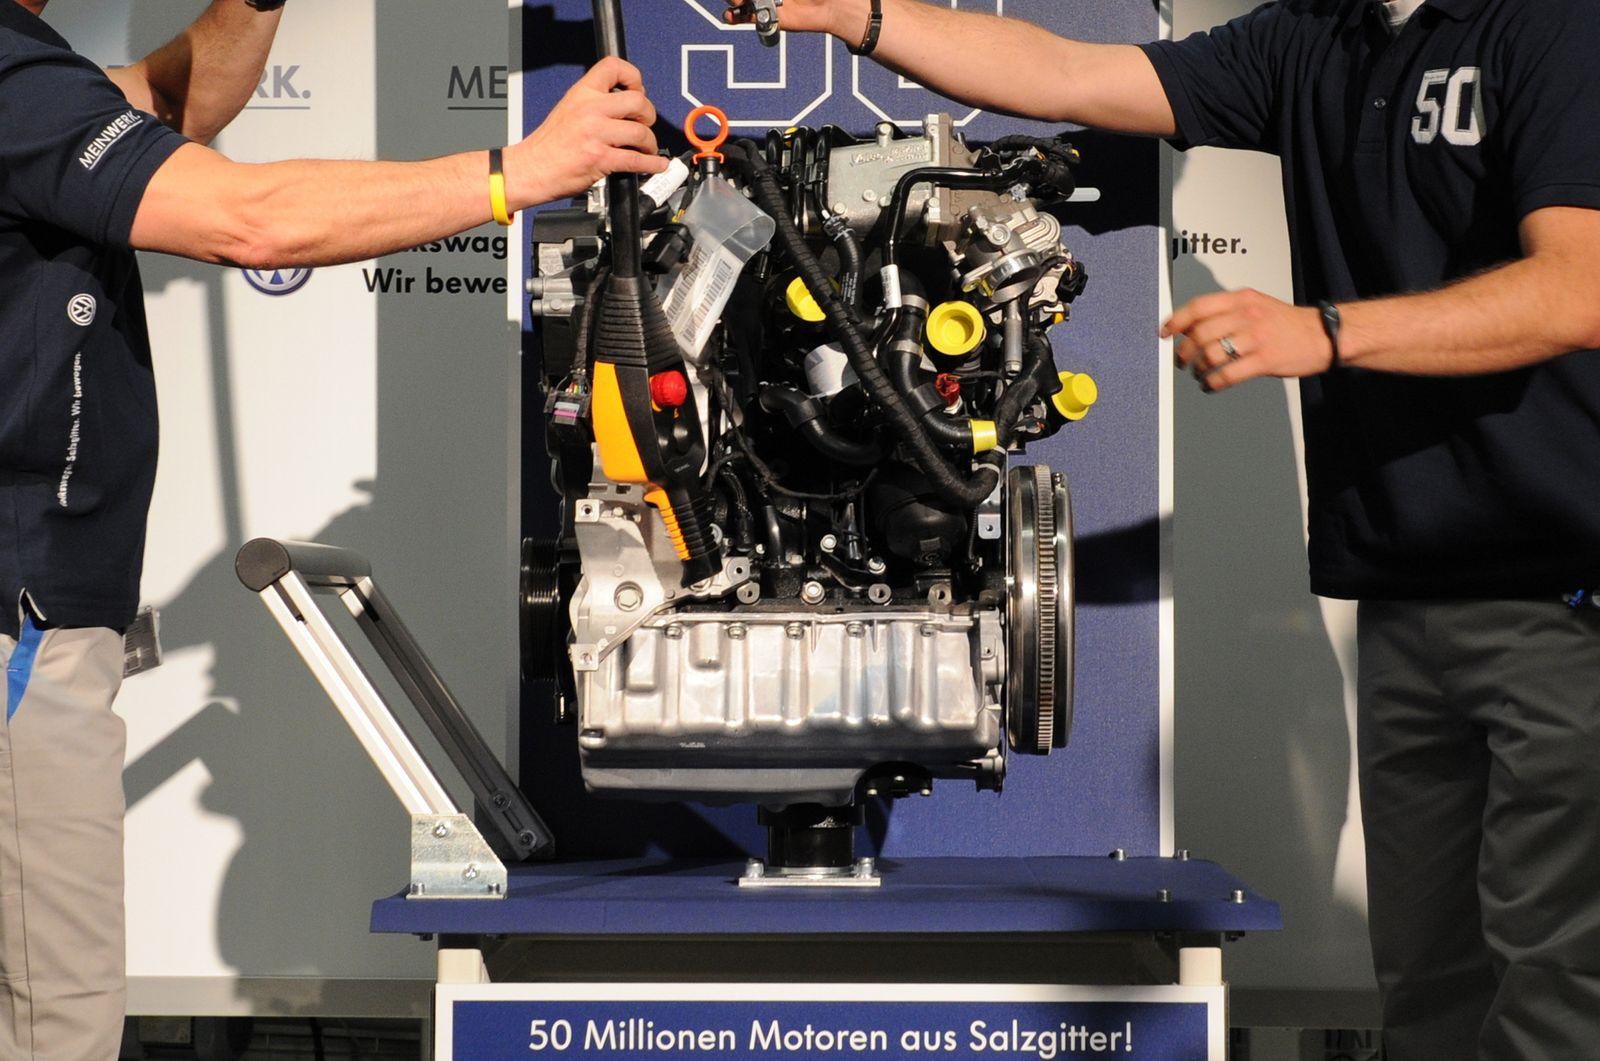 VW / Diesel / Motor / Abgasskandal